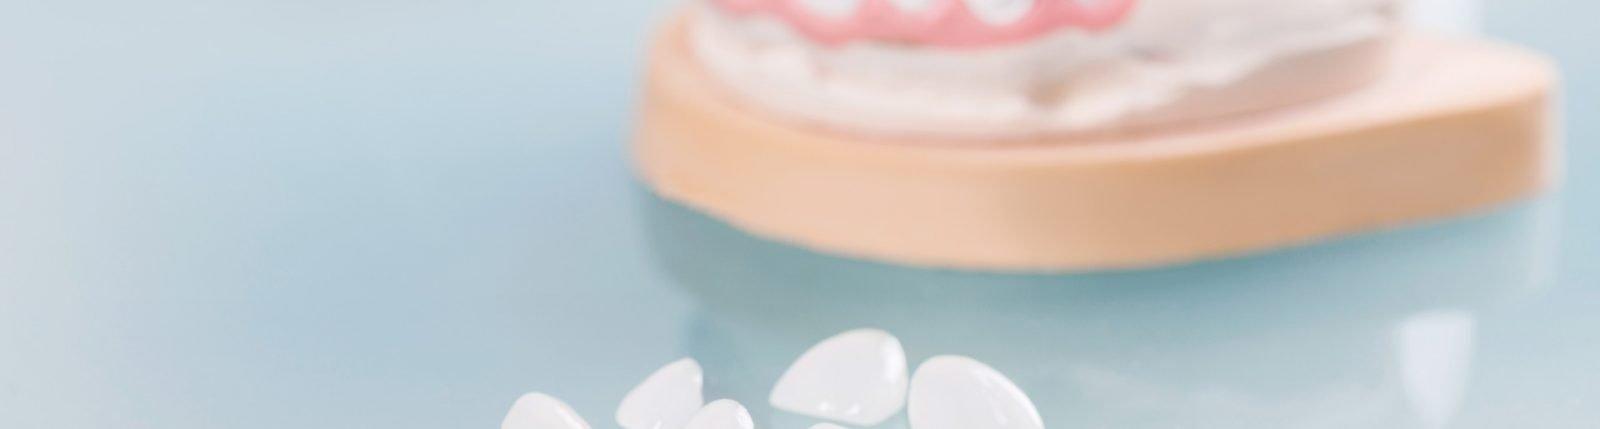 photo of porcelain veneer teeth mould